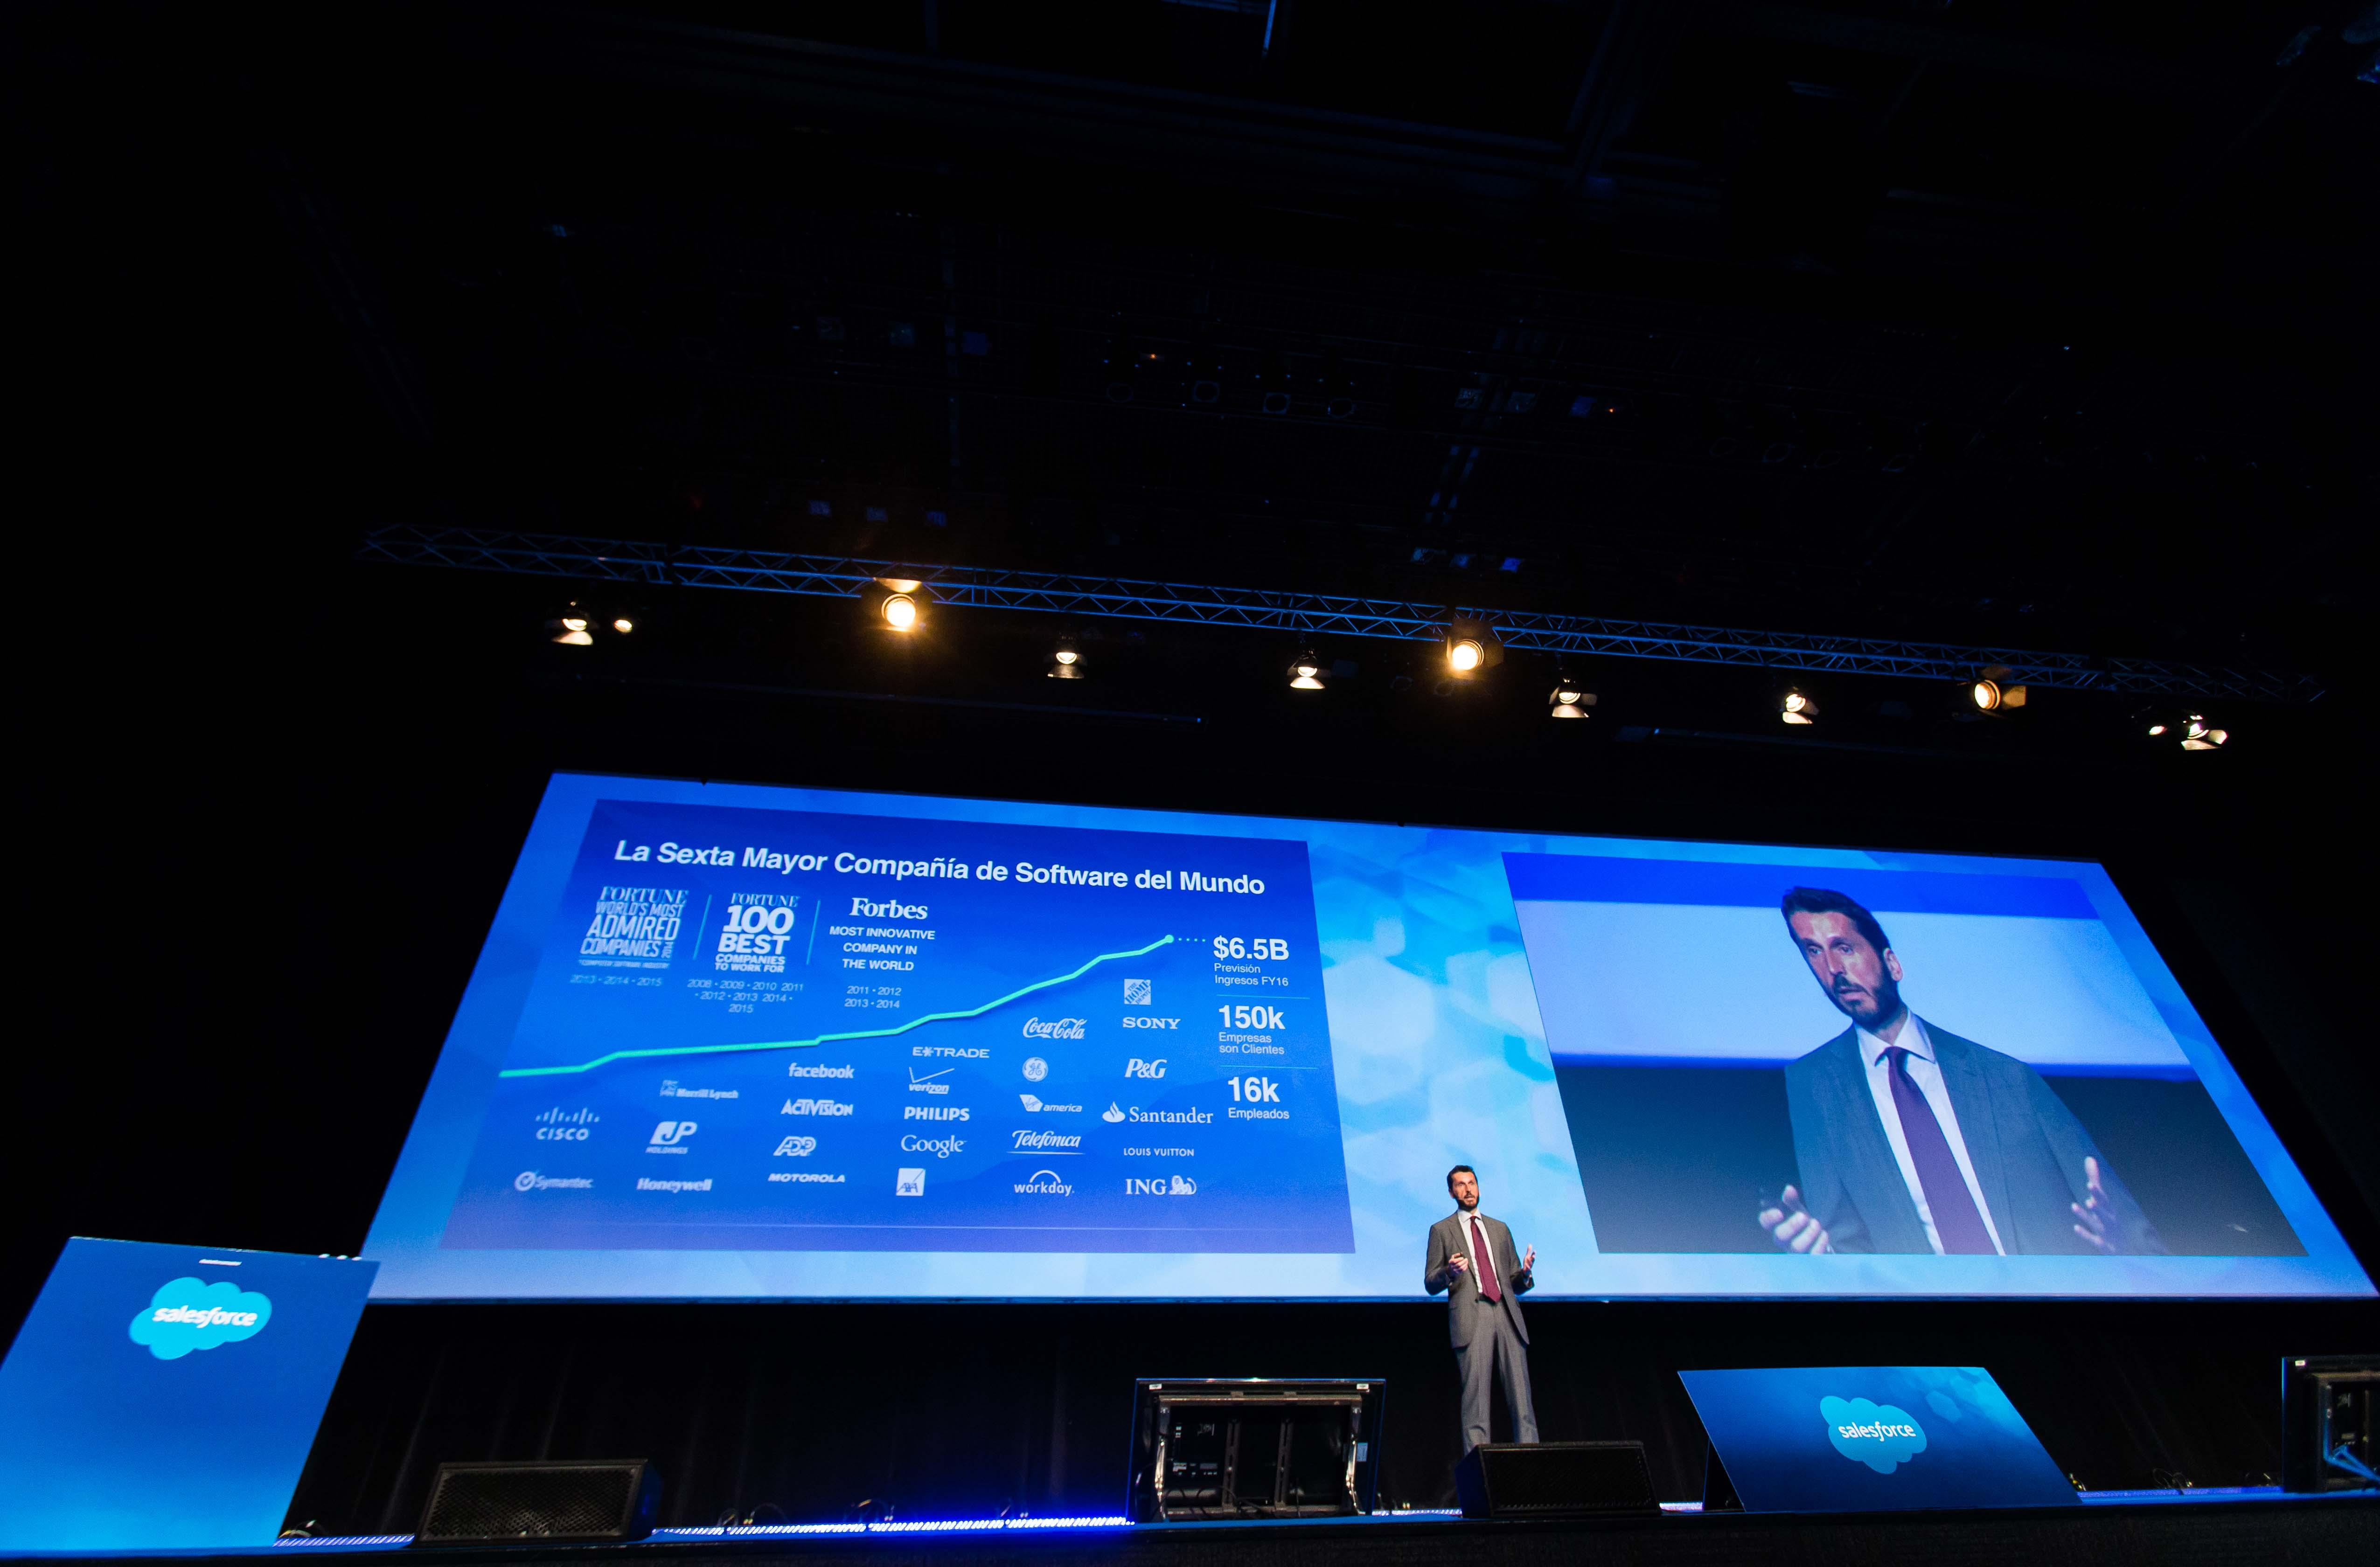 El Presidente de Salesforce España durante la presentación del producto.